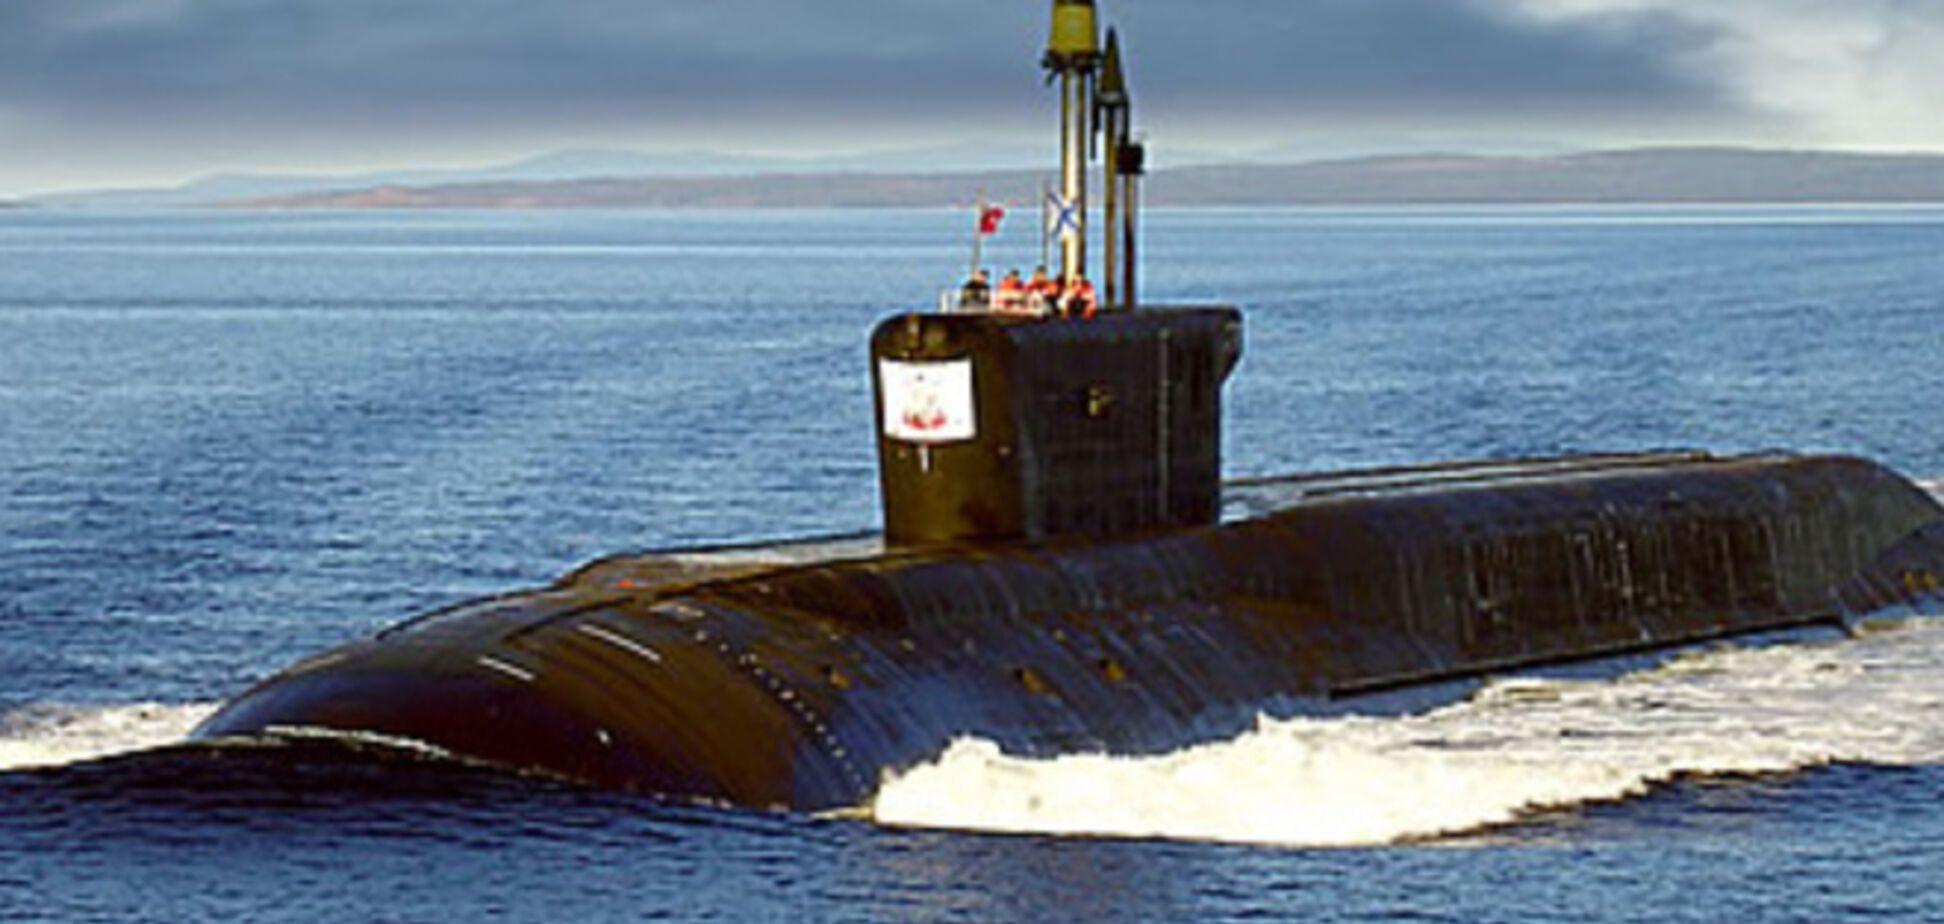 В історії з підводним човном біля берегів Швеції є маса нестикувань - колишній моряк